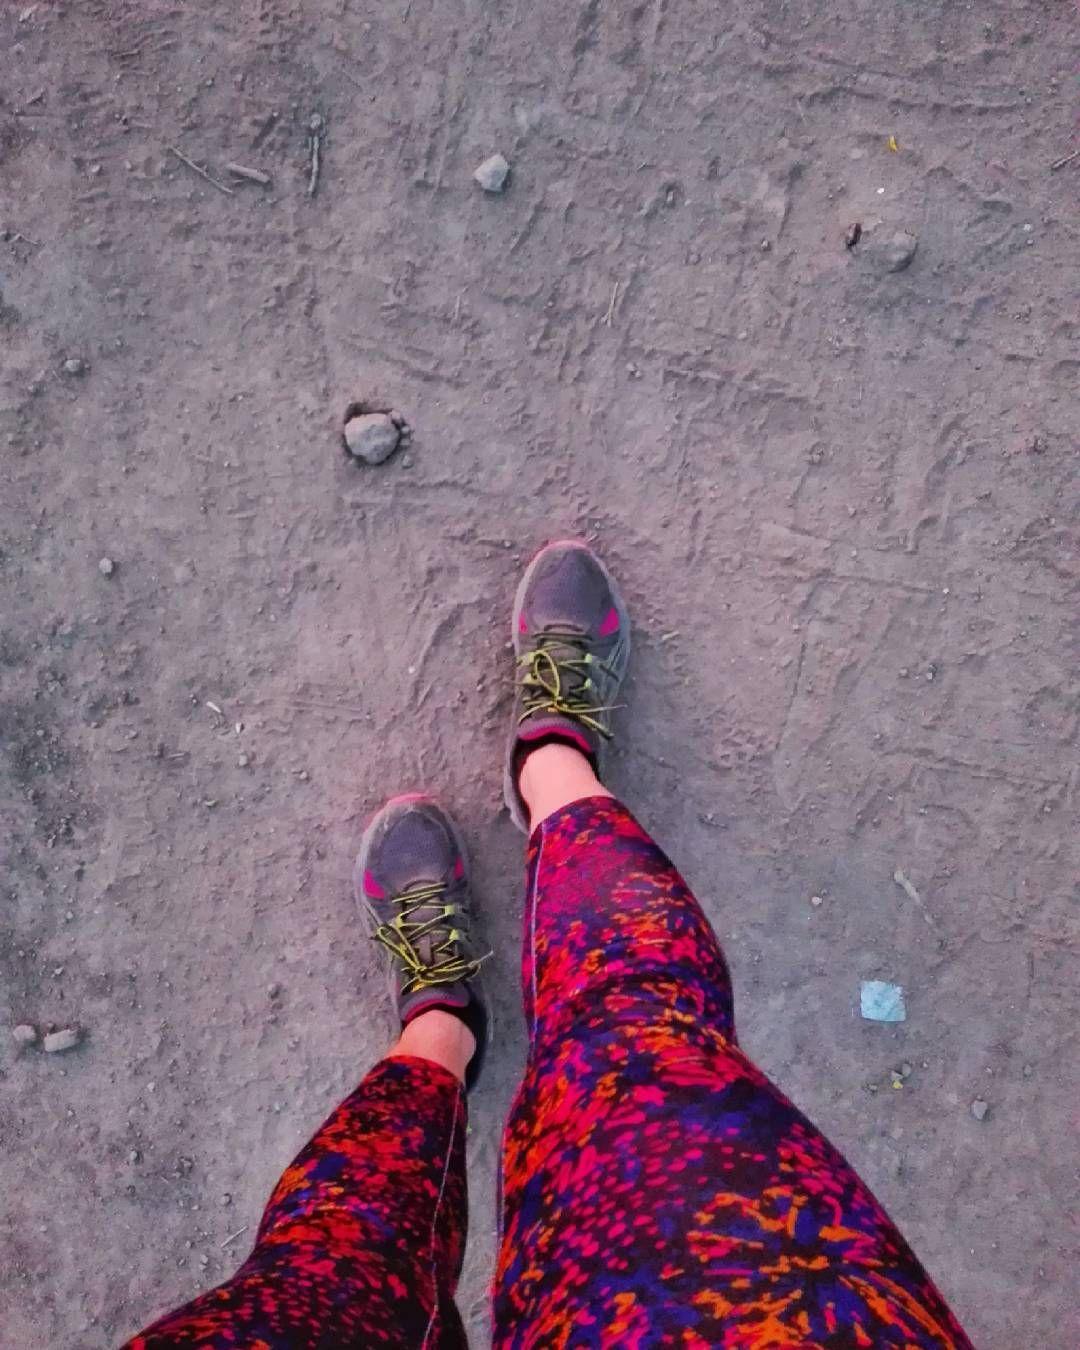 Lubie Swoje Nogi I Lubie Buty Asics Dobre Buty I Stanik To Podstawa Legginsy Moga Byc Nawet Z Lidla Ale Buty Buty Ulubione Musze Hiking Boots Shoes Boots